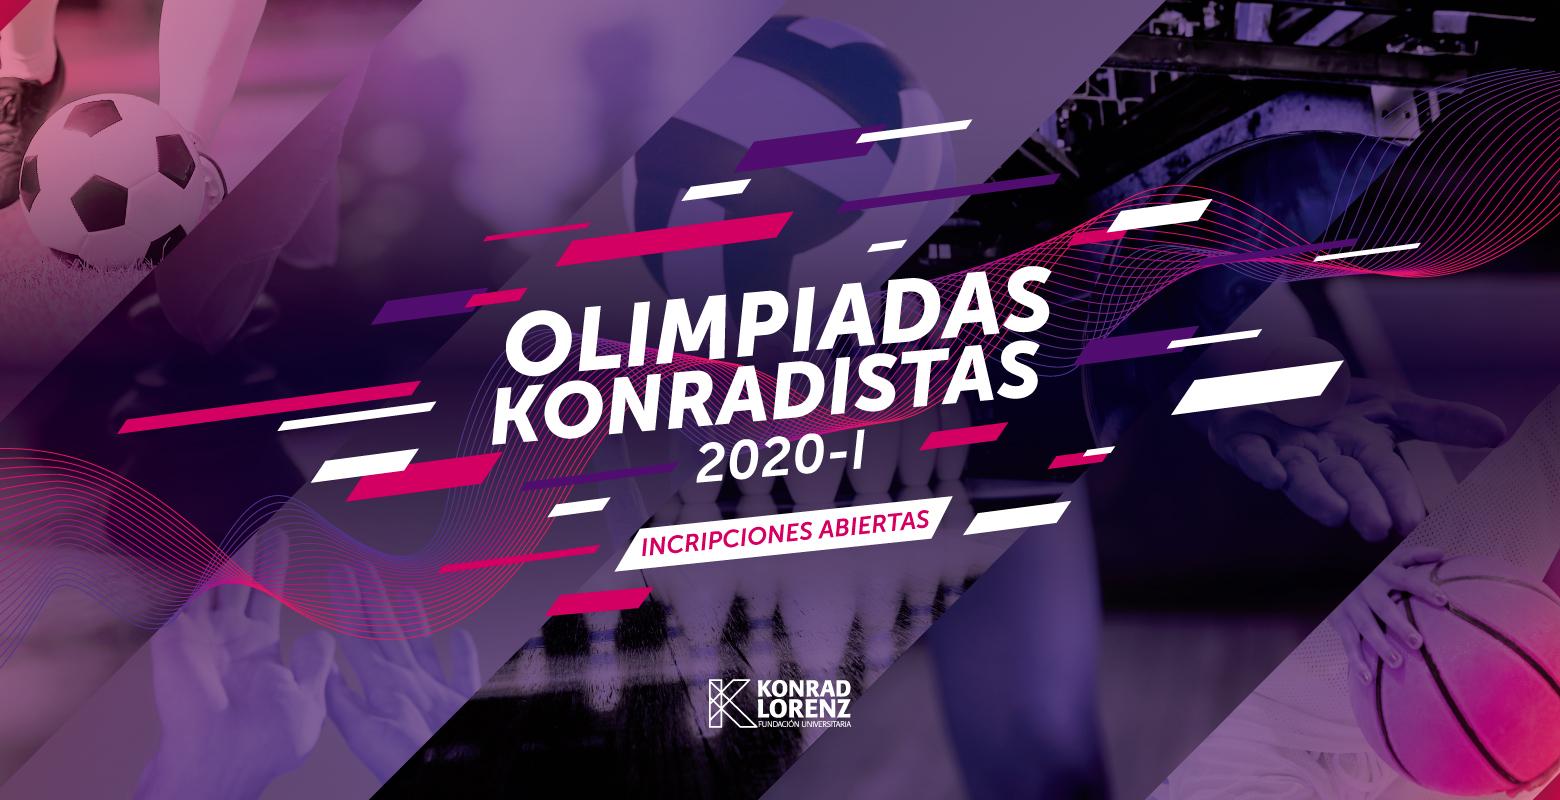 Prográmate e inscríbete en las Olimpiadas Konradistas 2020-I